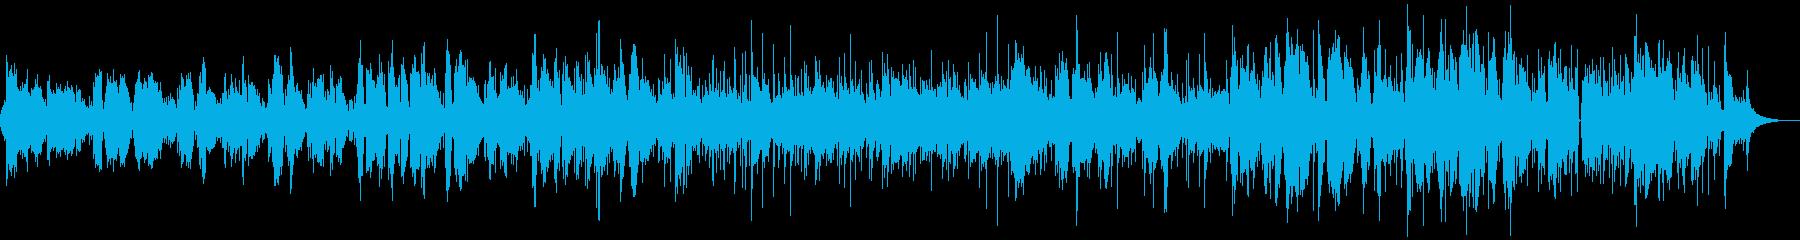 ライブ感が◎ アコギの弾き語り/バラードの再生済みの波形